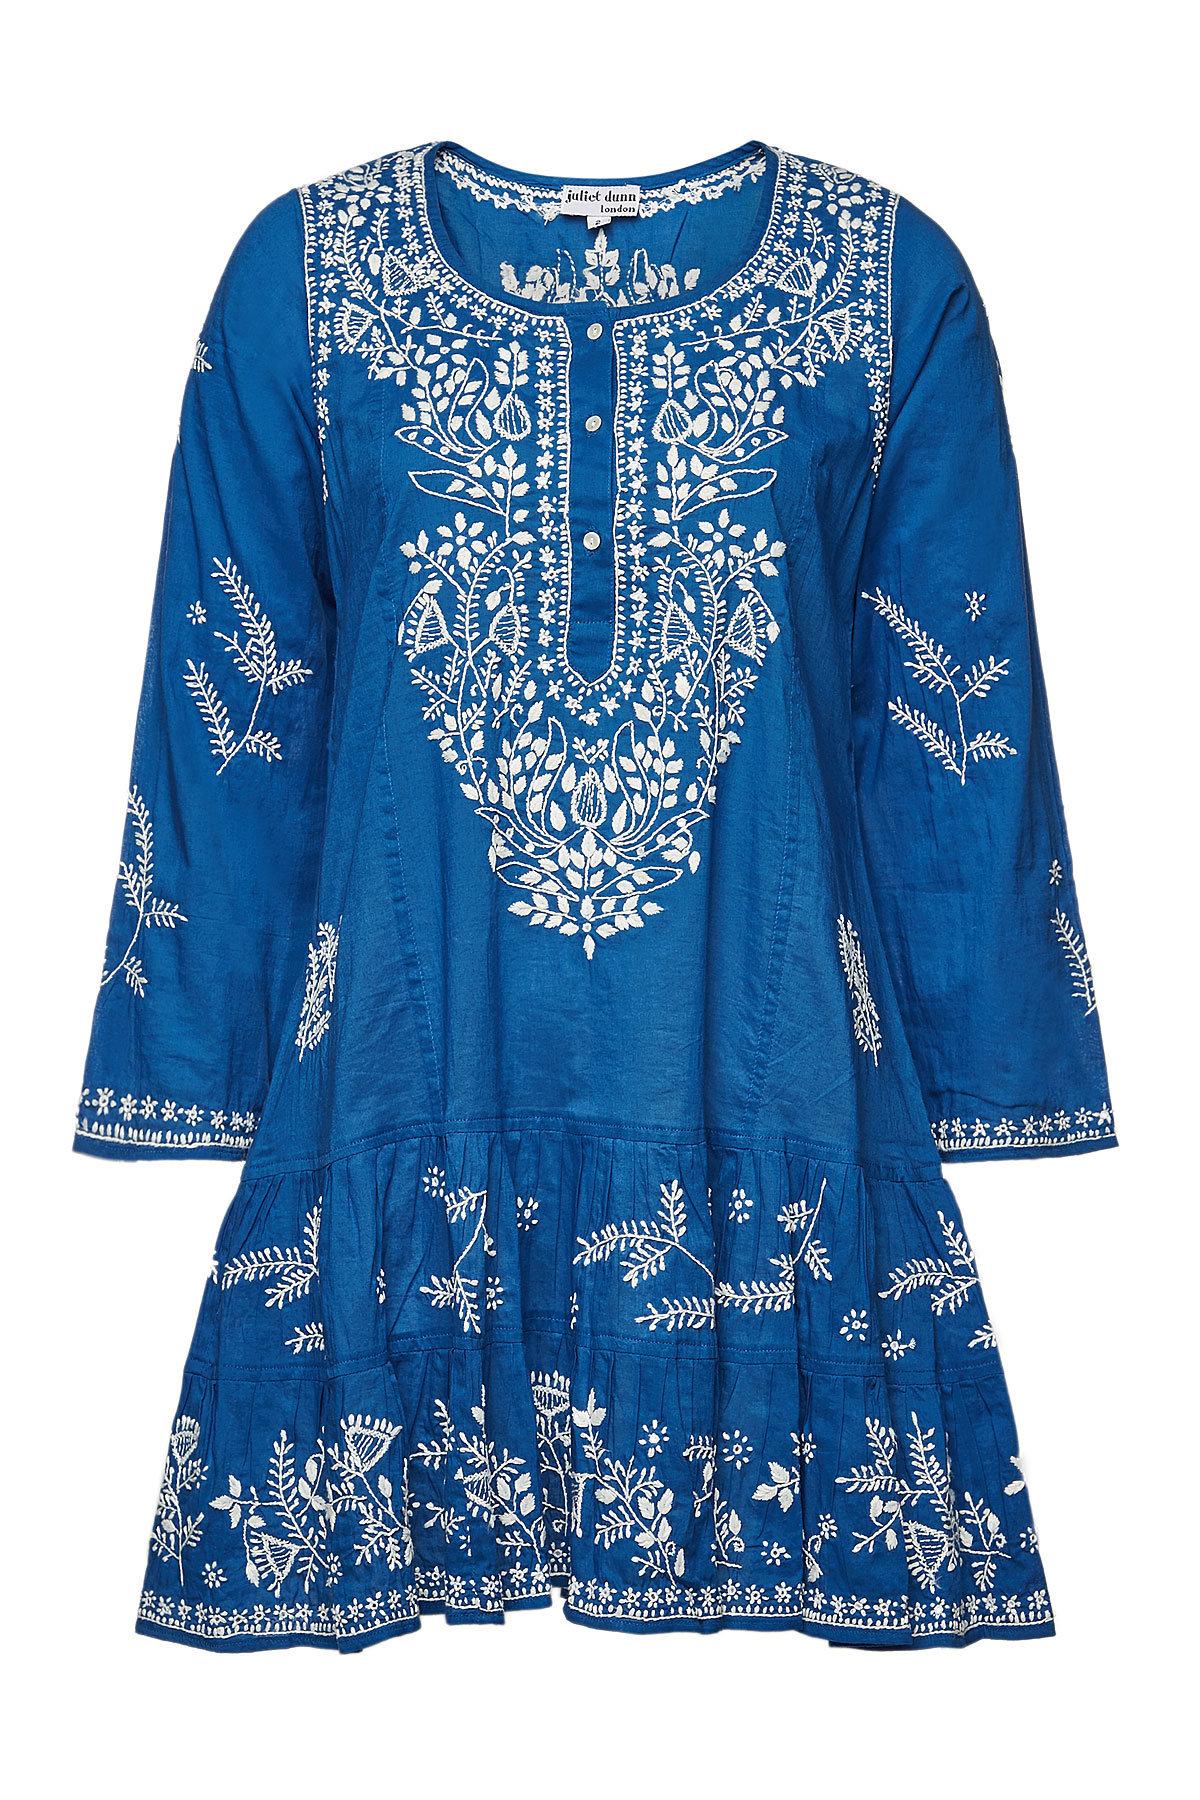 002a406ffc Juliet Dunn Embroidered Cotton Long Sleeve Classic Beach Dress In Blue